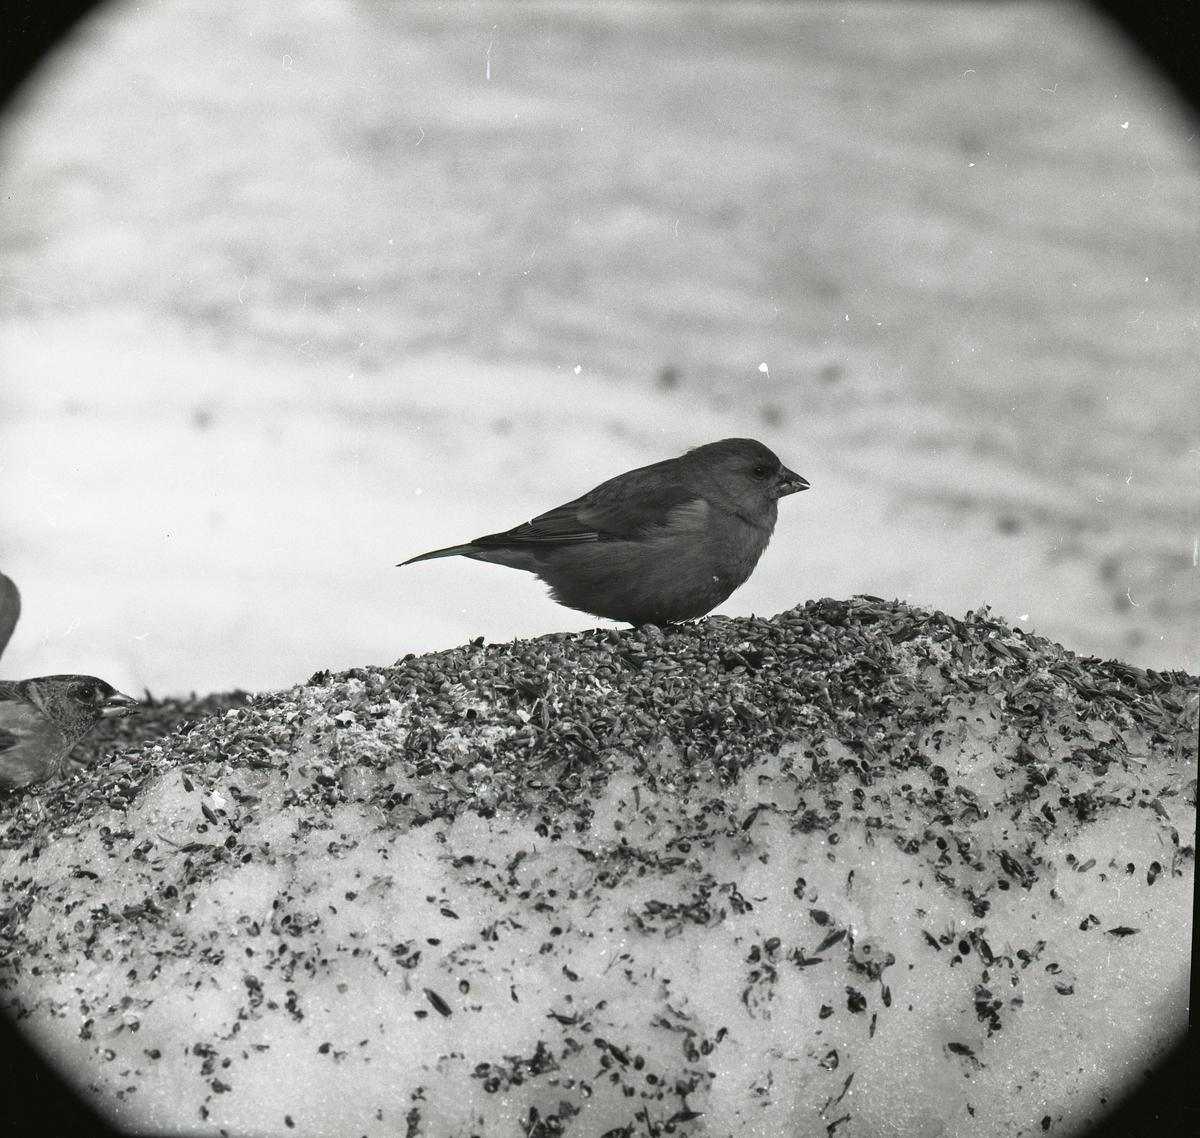 En grönfink sitter i snön som är täckt med fågelfrön under våren 1967.